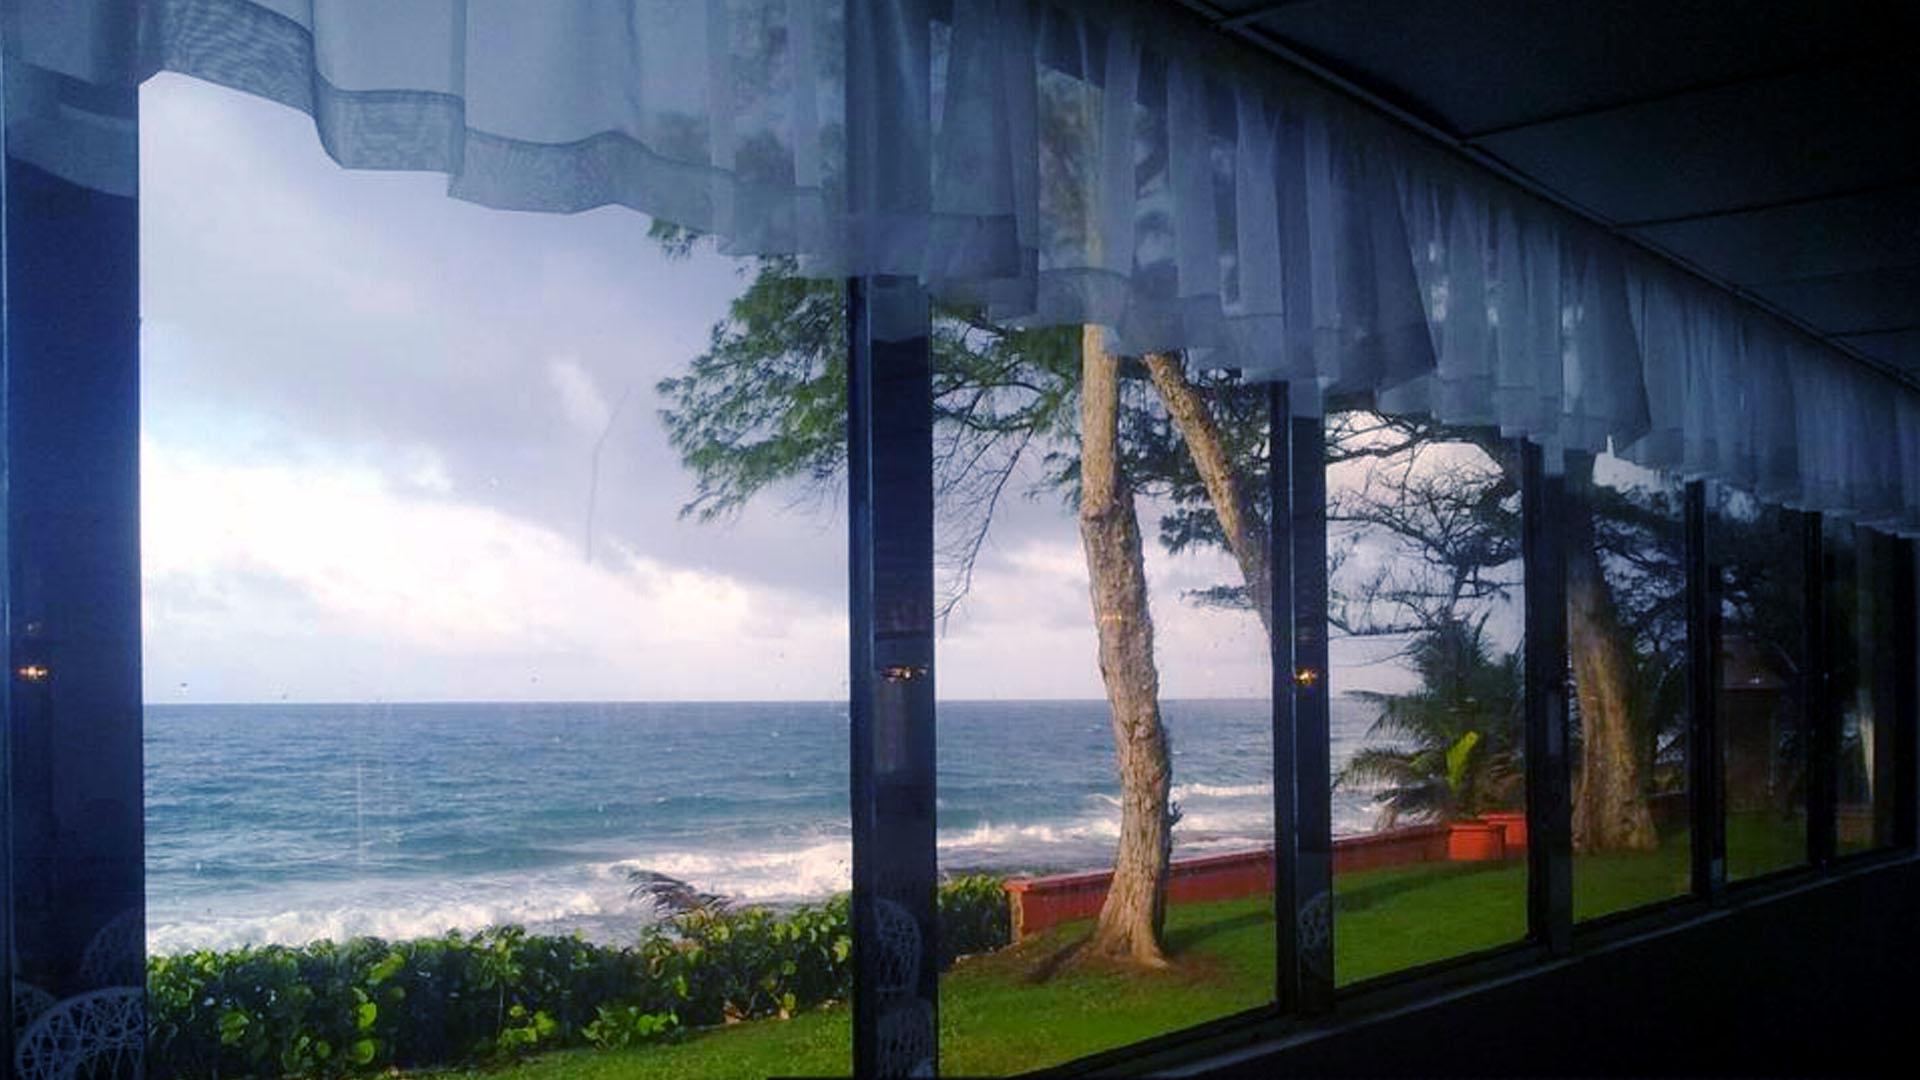 Vista al mar y acceso a la playa - Vea el paisaje de cualquier angulo del interior. Cañones y garitas que decoran el exterior son perfectos para capturar lindos recuerdos.